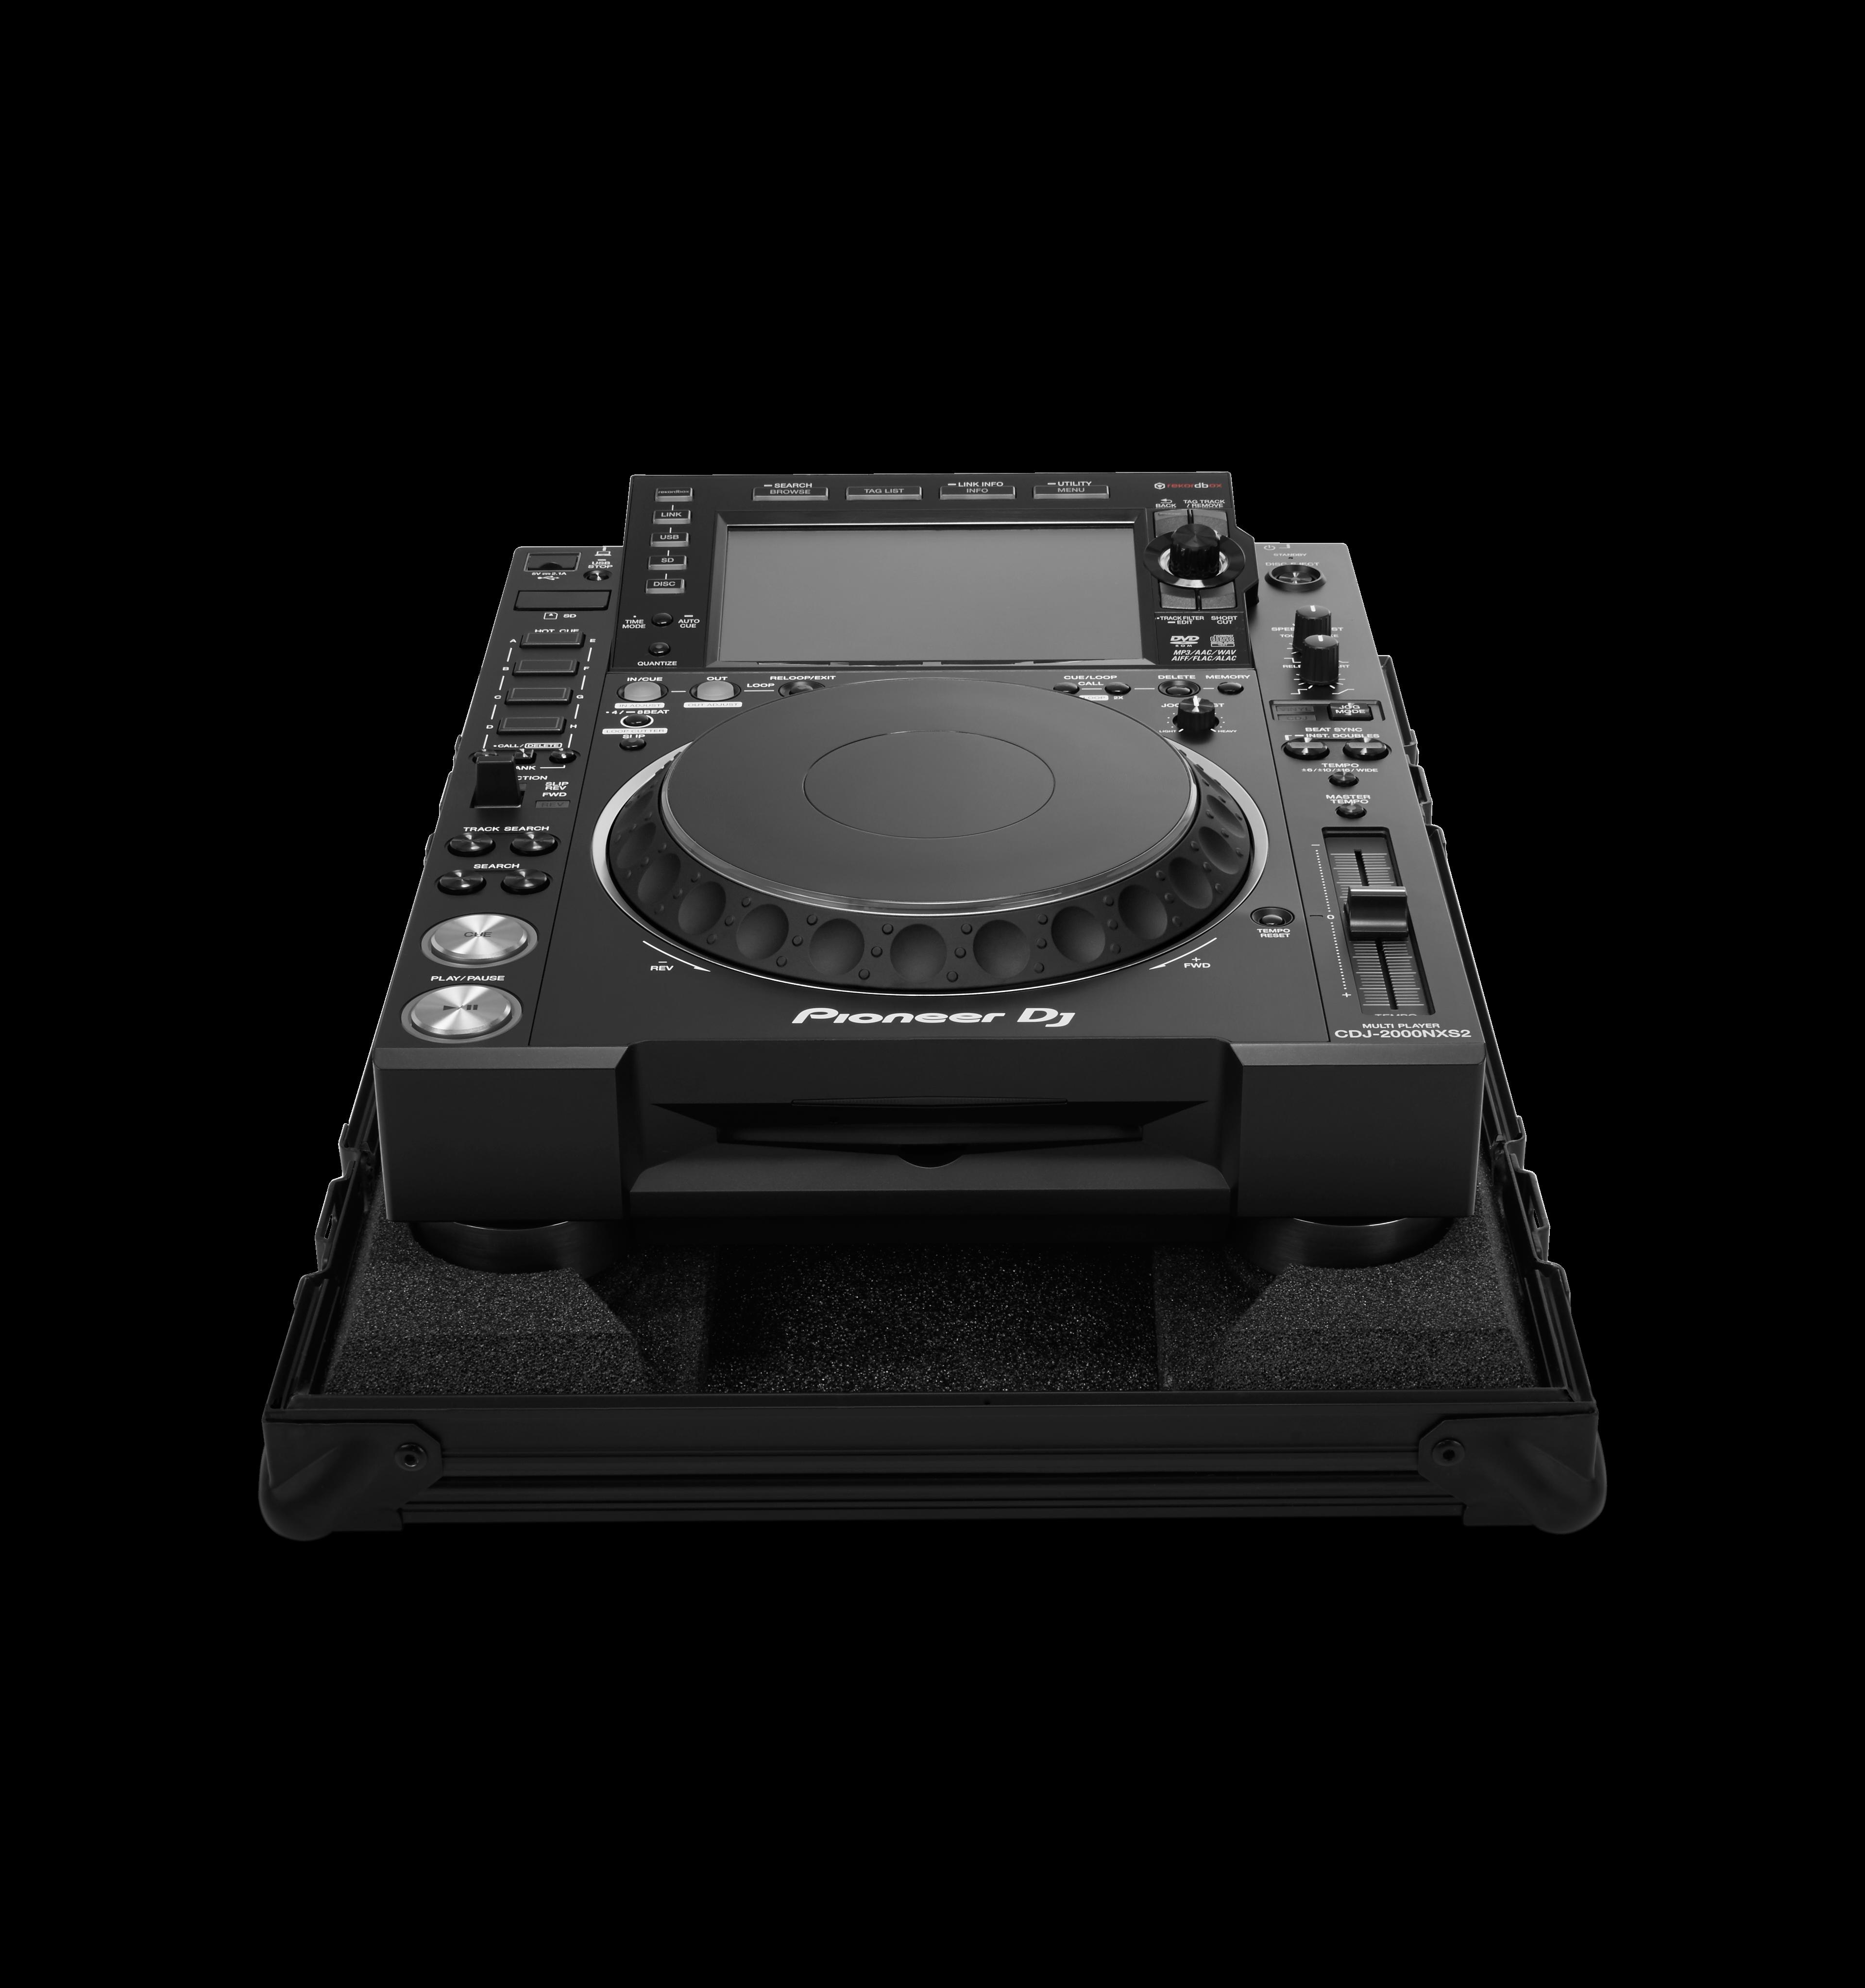 FLT-2000NXS2